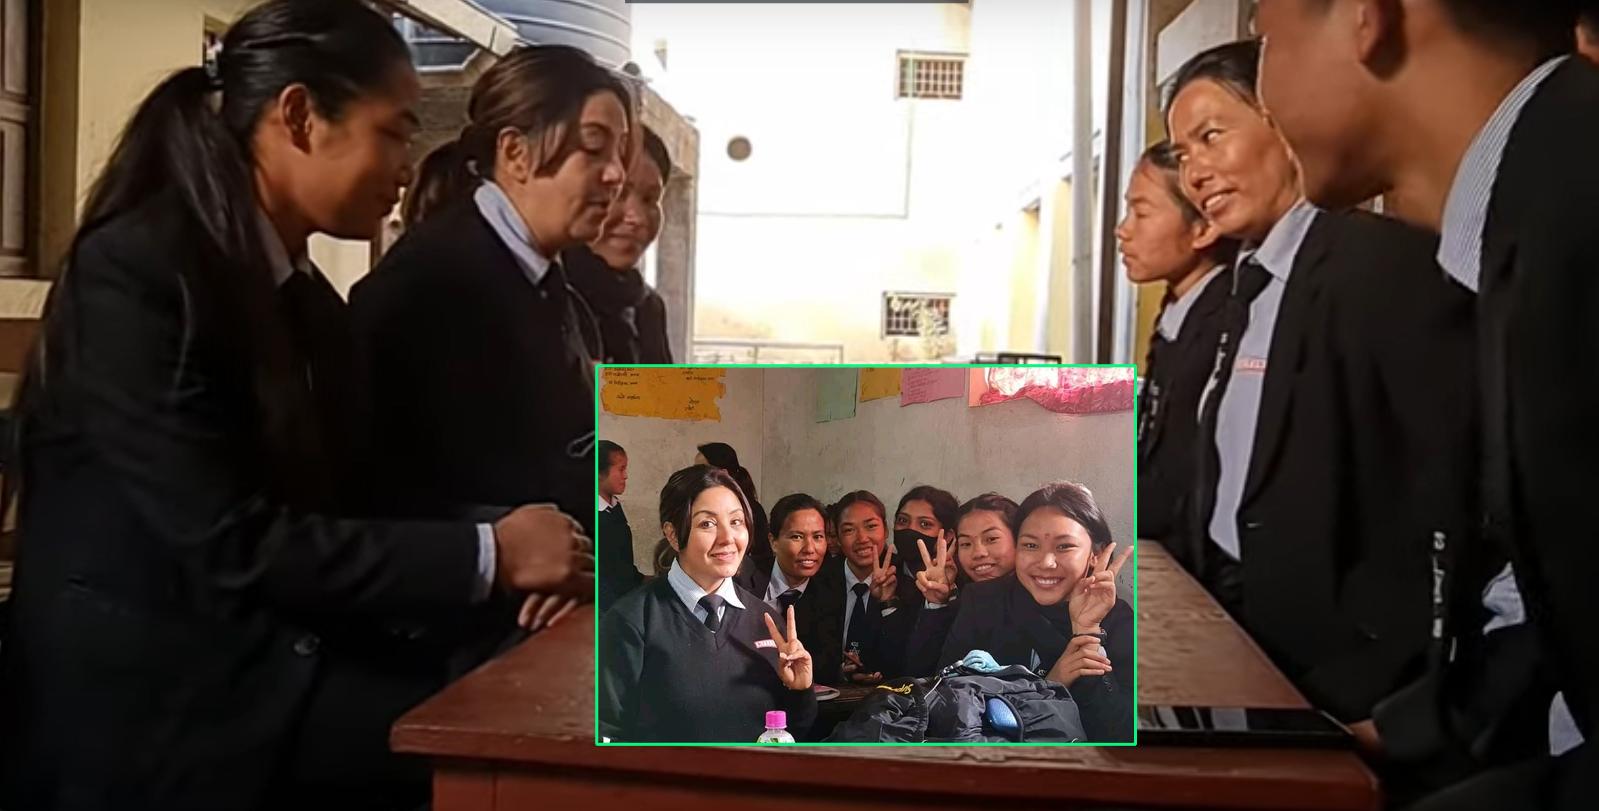 कलेजमा साथीहरुसँग नायिका करिश्माको रमाइलो गफगाफ (भिडियो)